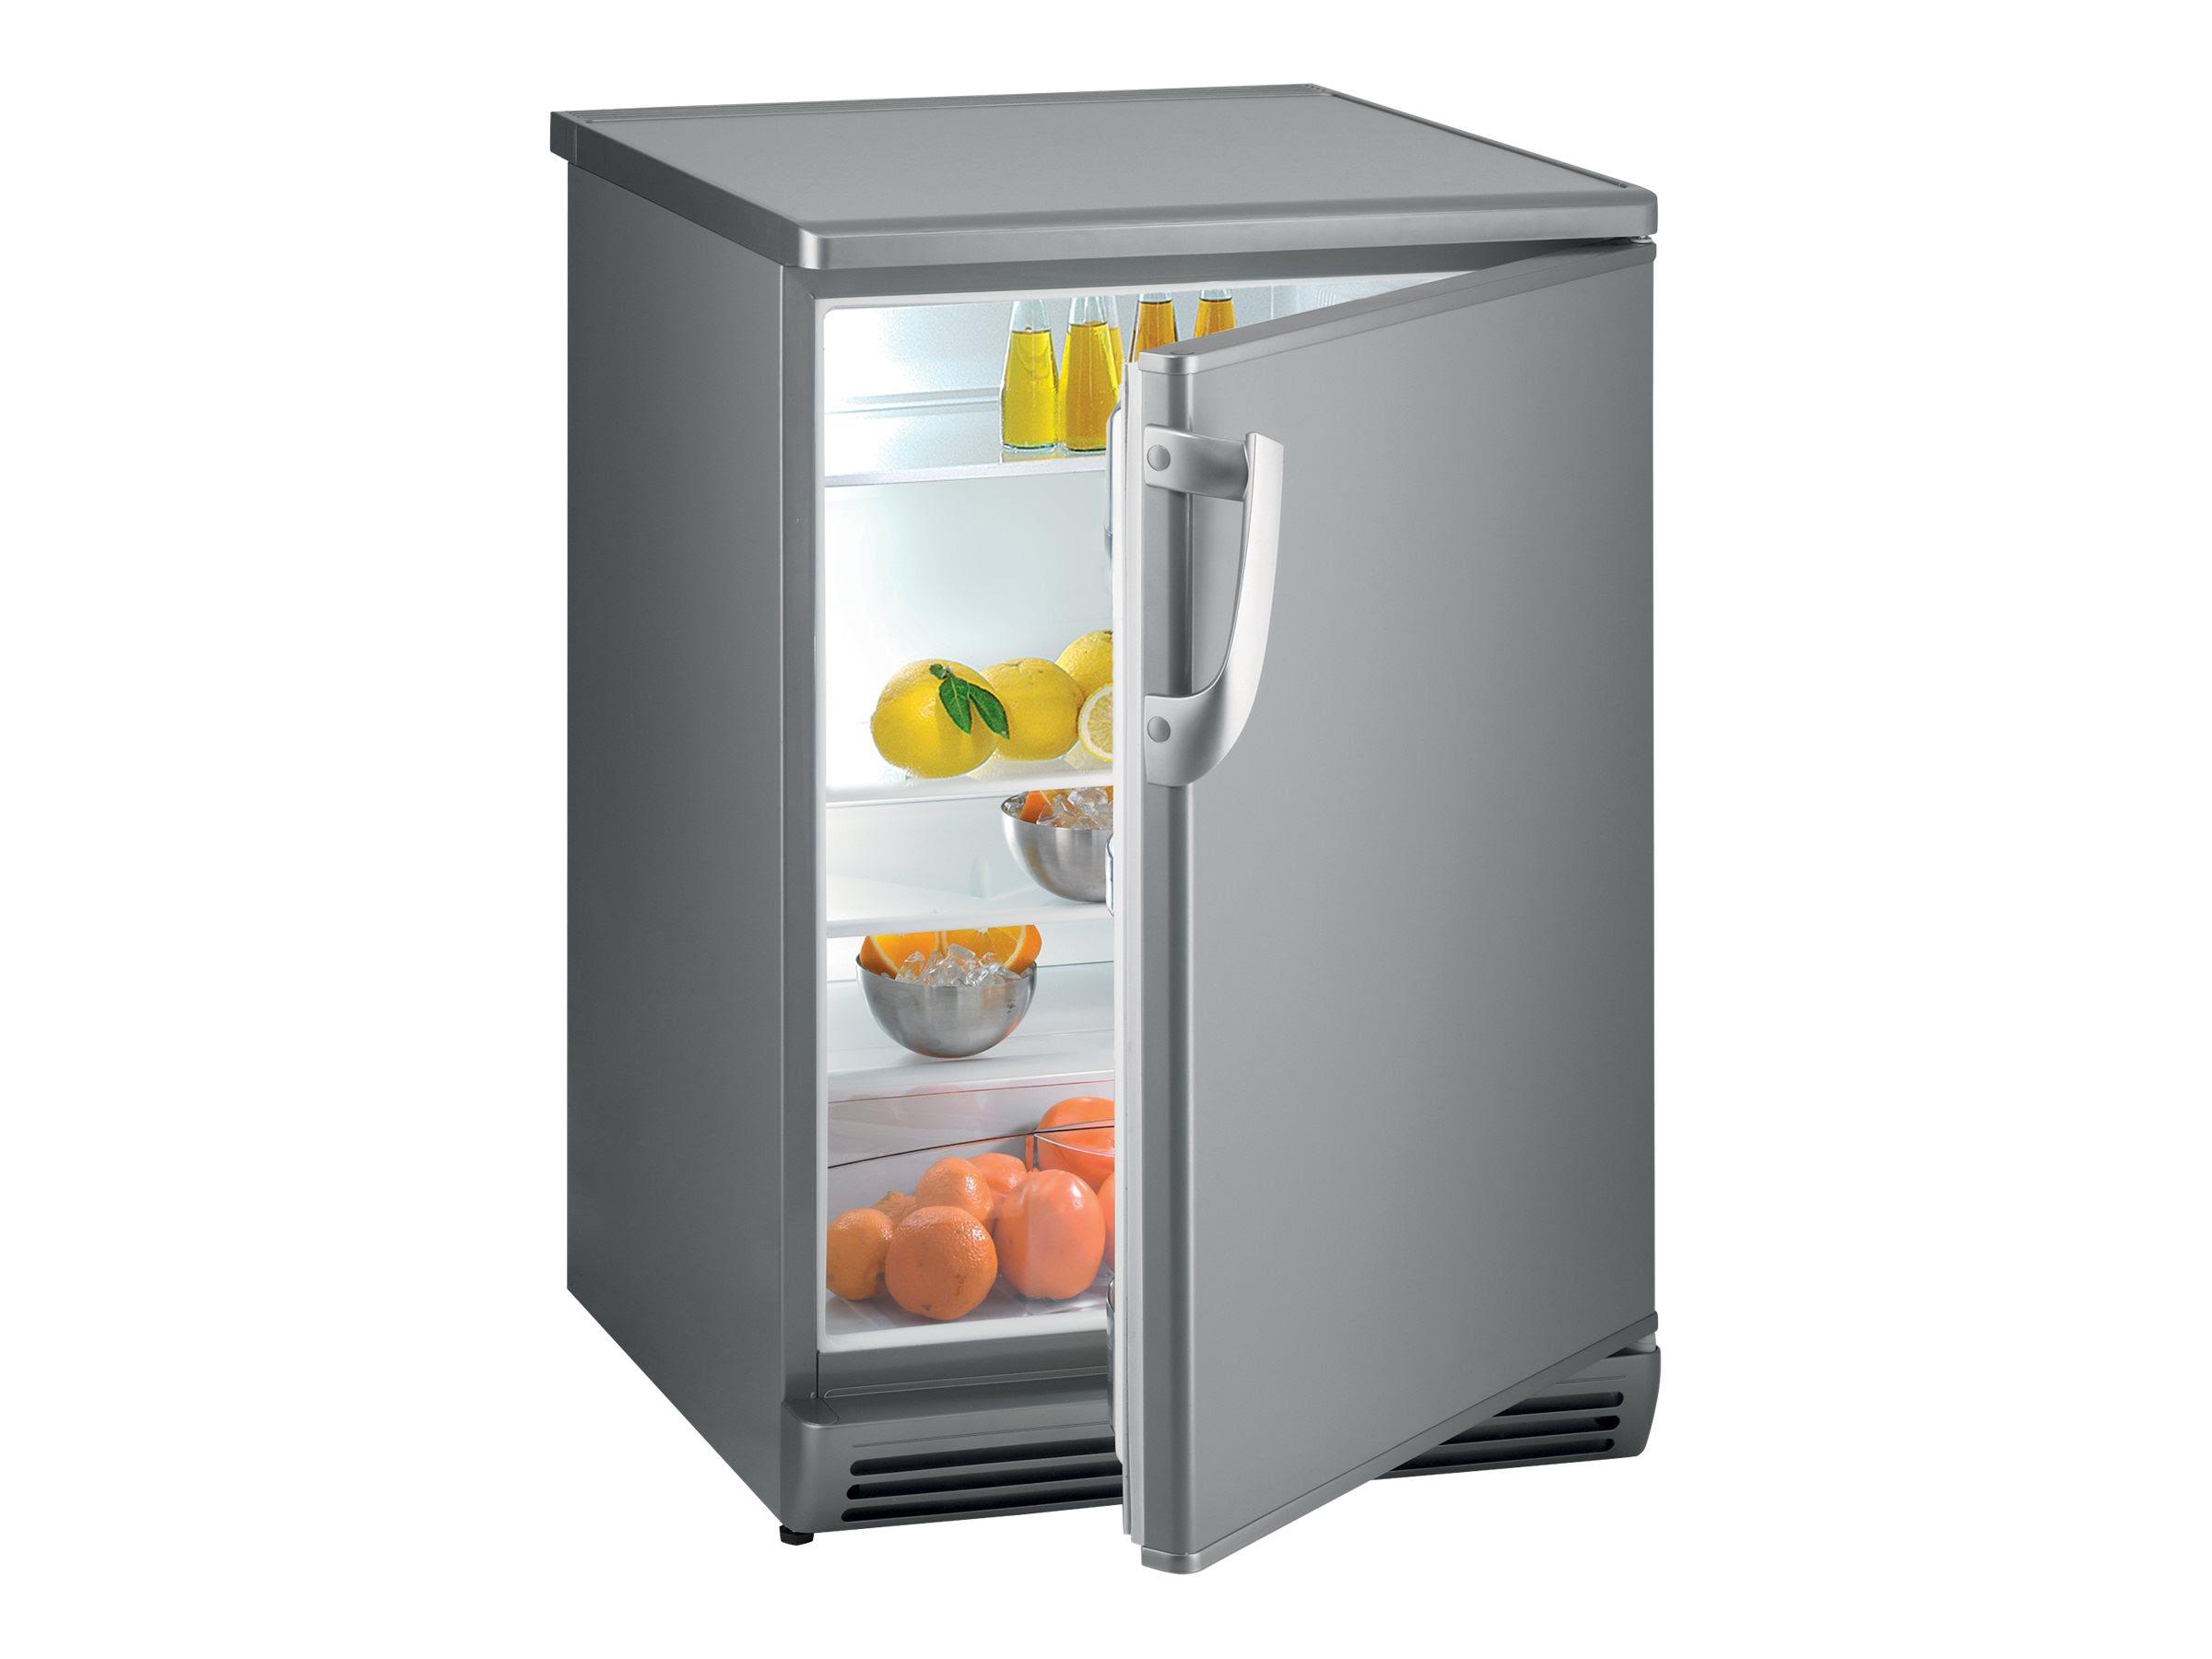 Red Bull Kühlschrank Gebraucht Kaufen : Tiefe kühlschrank breite hodges shanon